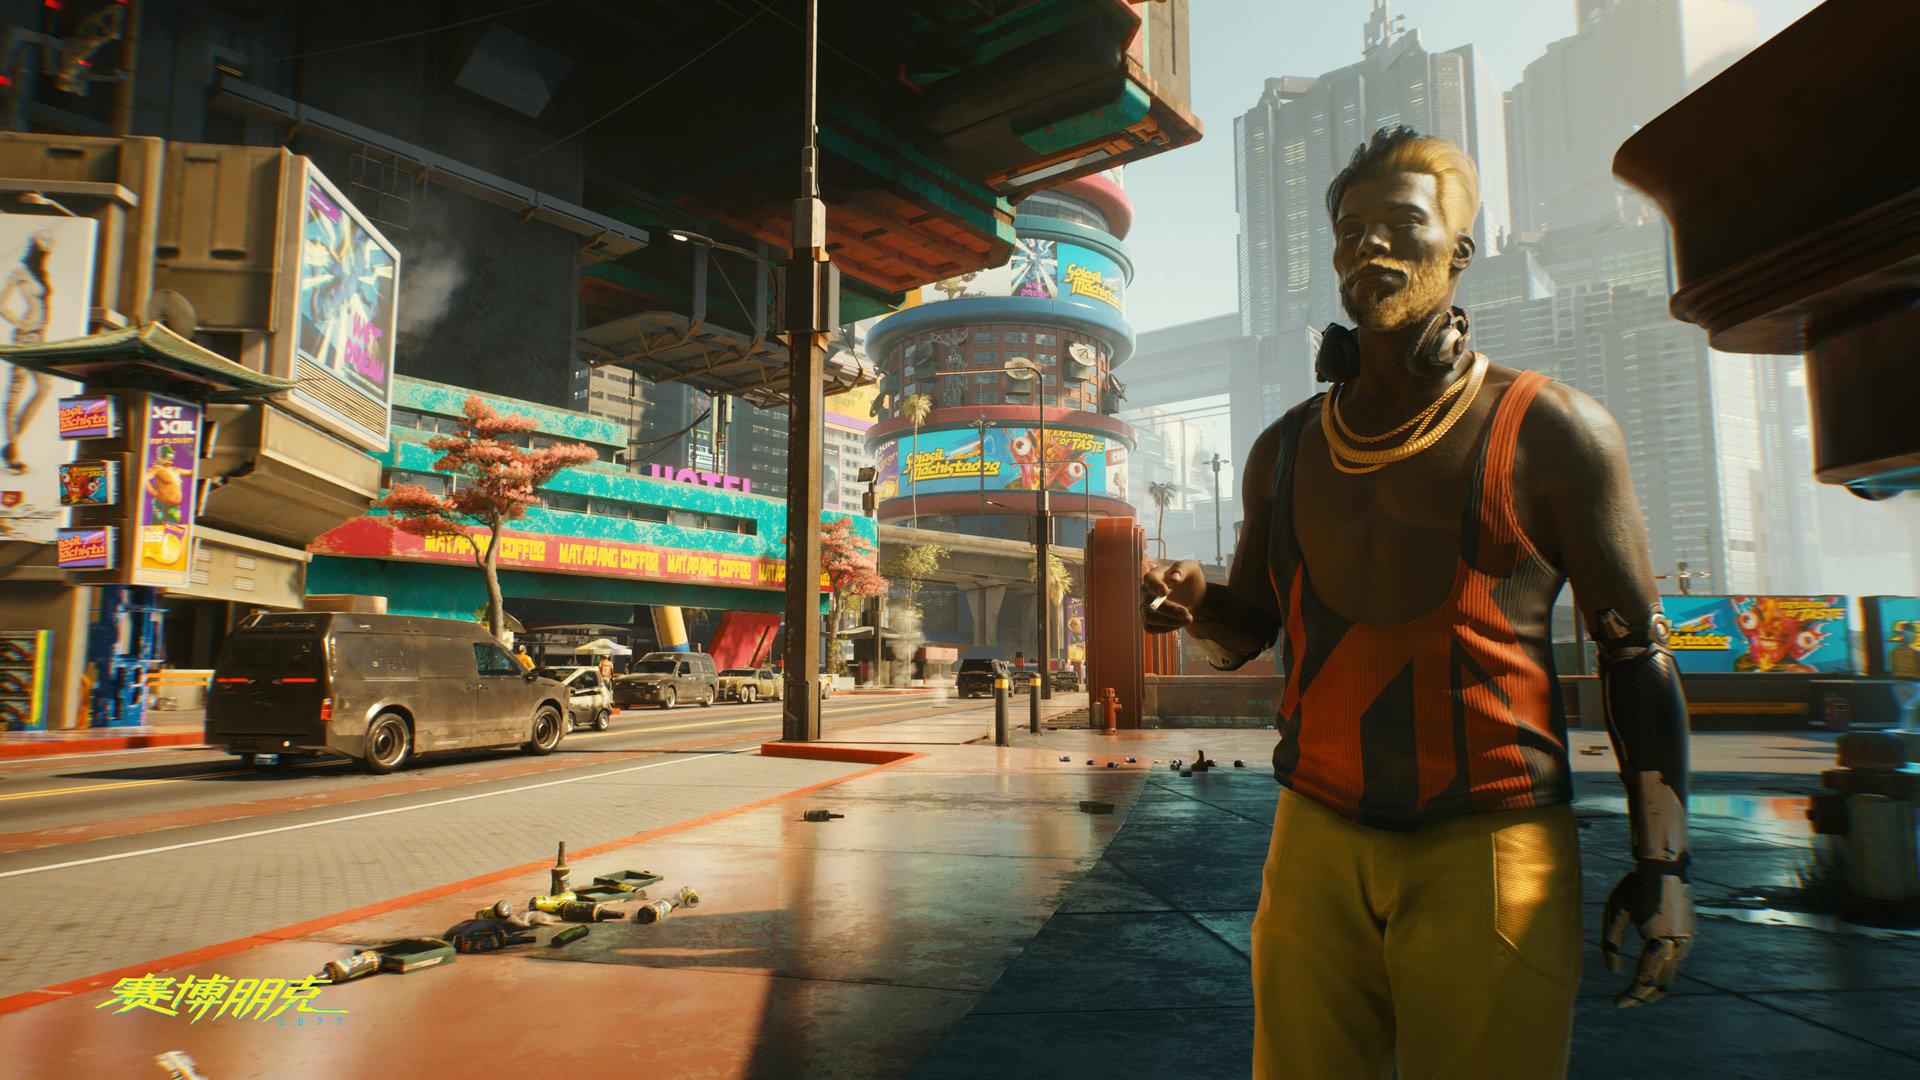 《赛博朋克2077》人物形象图 主角V超梦技师朱迪等亮相